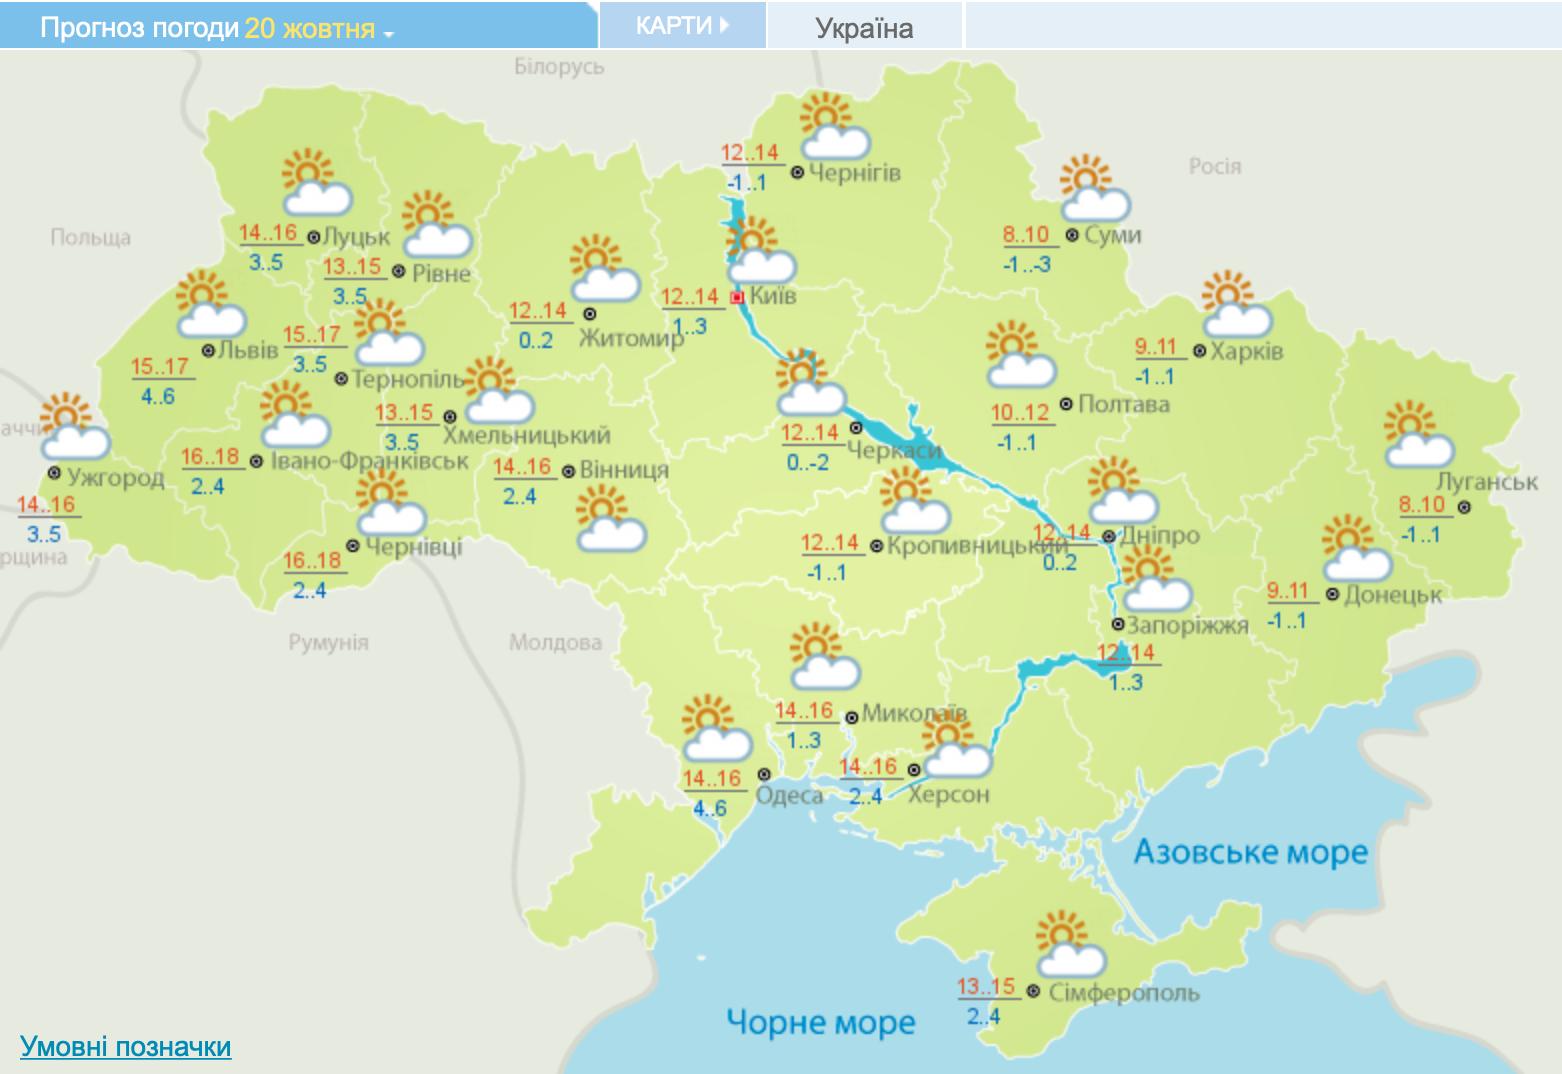 В Україну прийшло потепління: прогноз погоди на сьогодні